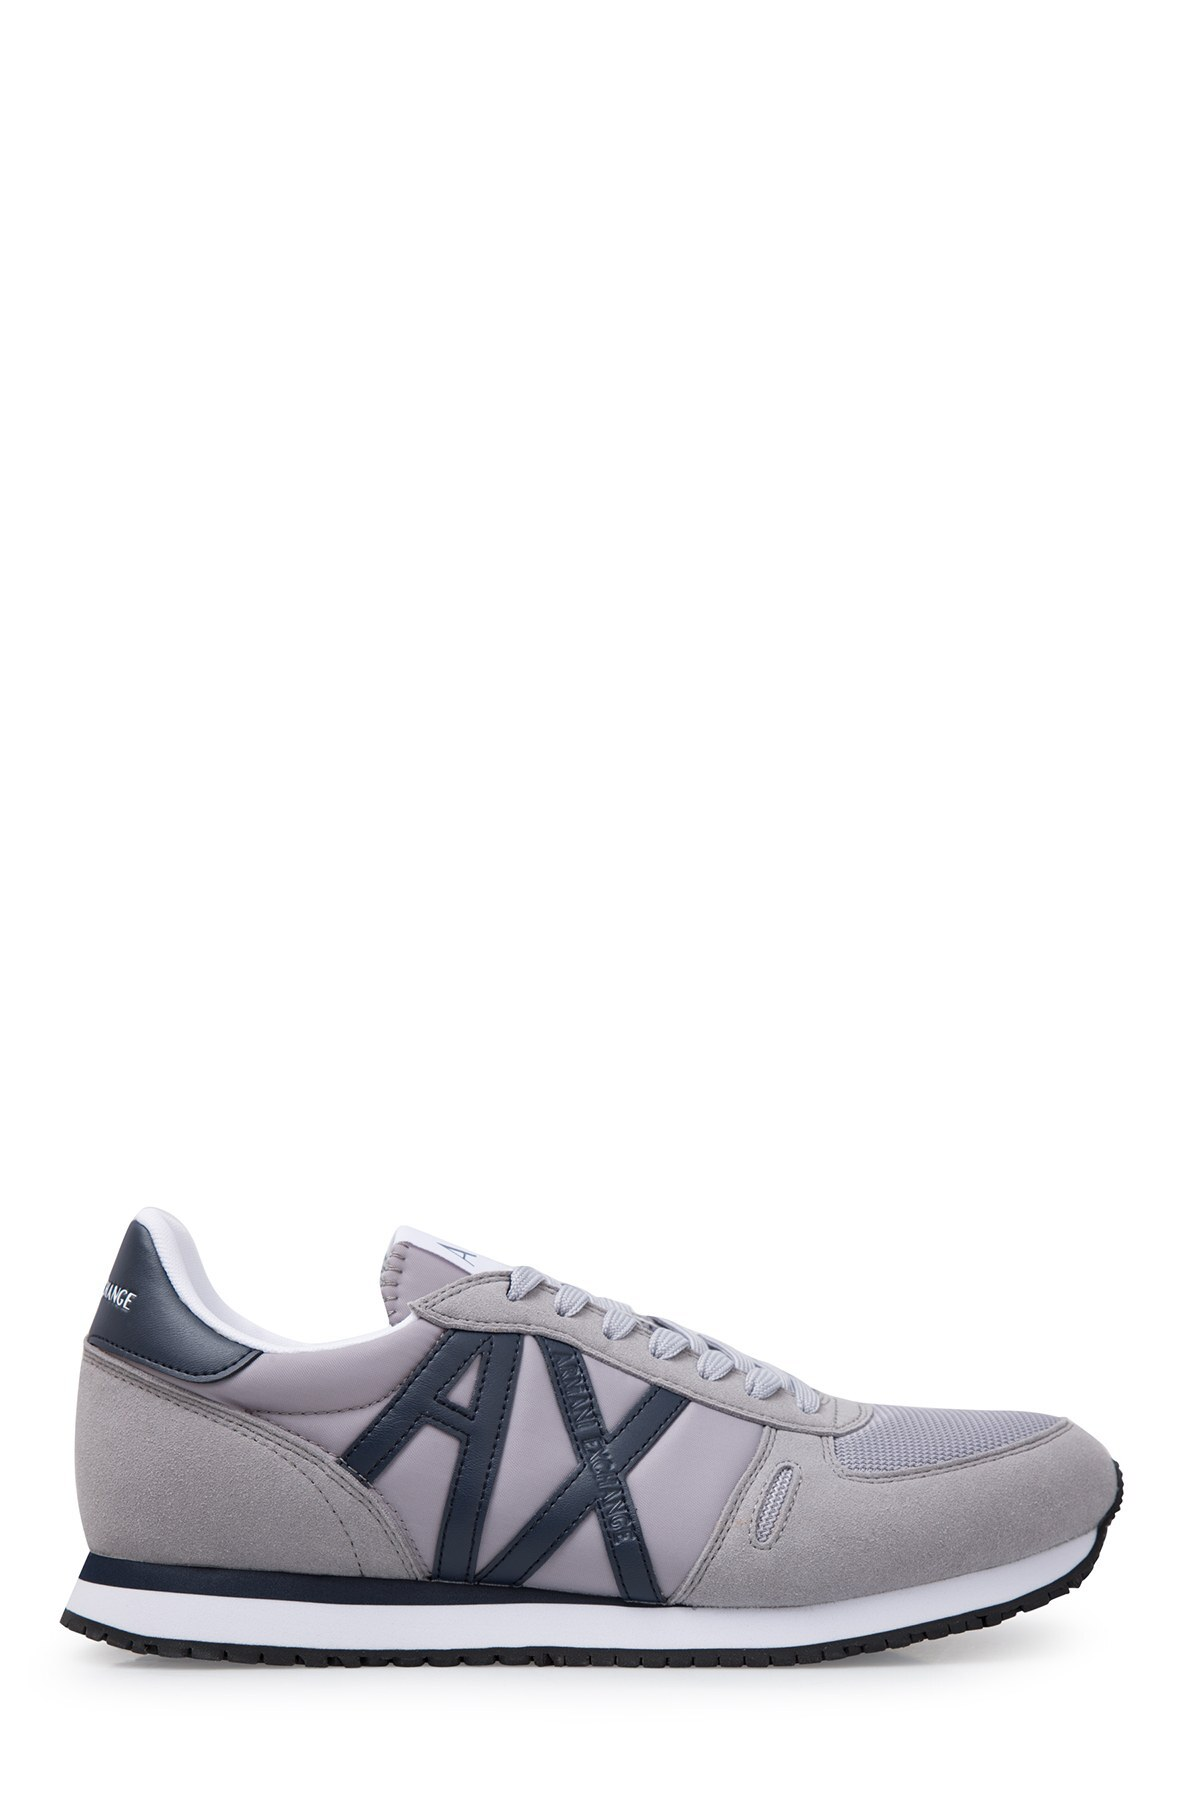 Armani Exchange Erkek Ayakkabı XUX017 XV028 D290 GRİ-LACİVERT